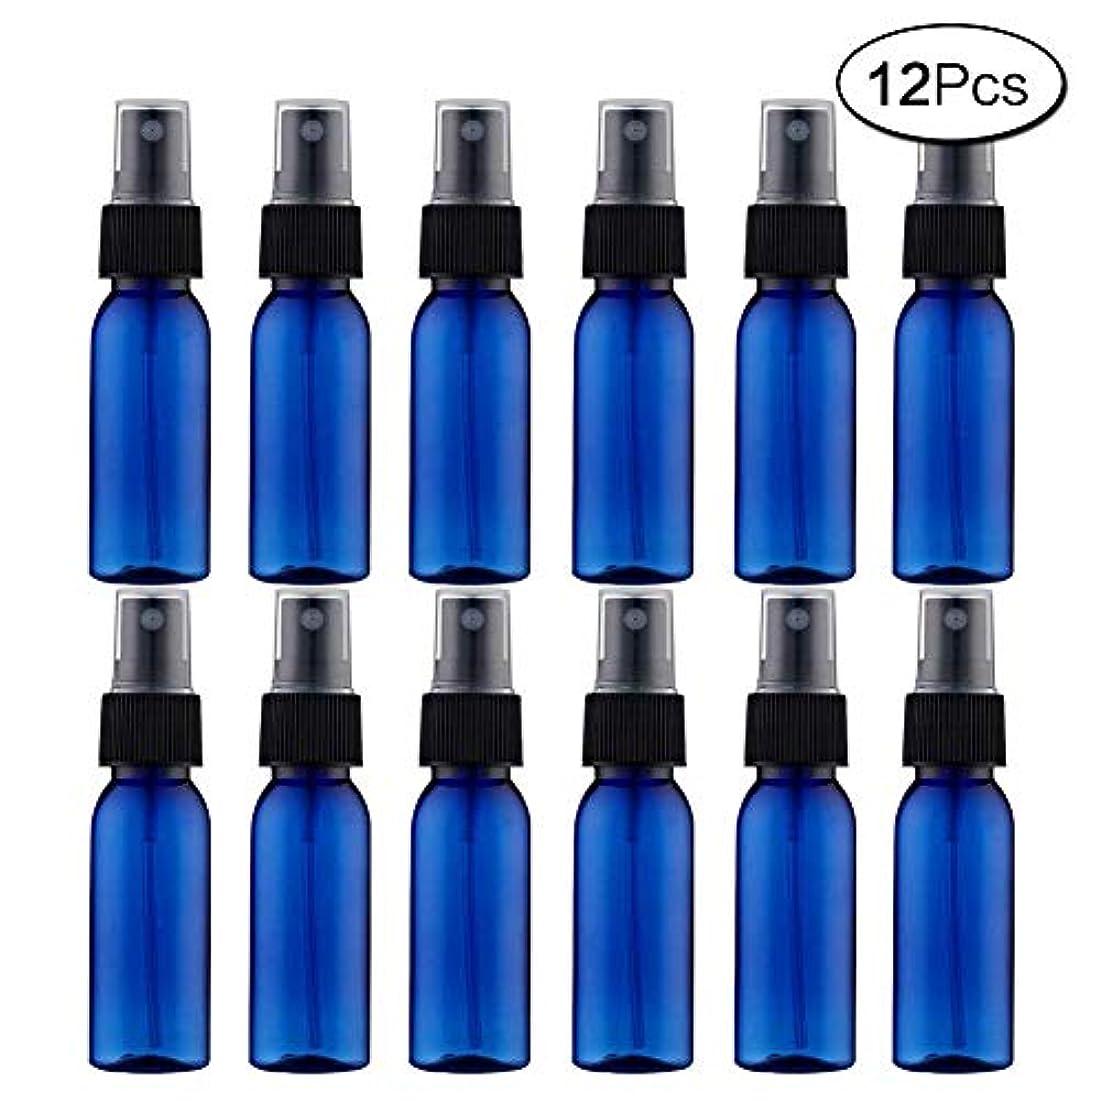 物理的に最も貸し手スプレーボトル 12本セット 詰替ボトル 遮光 空容器 霧吹き(30ml ブルー)